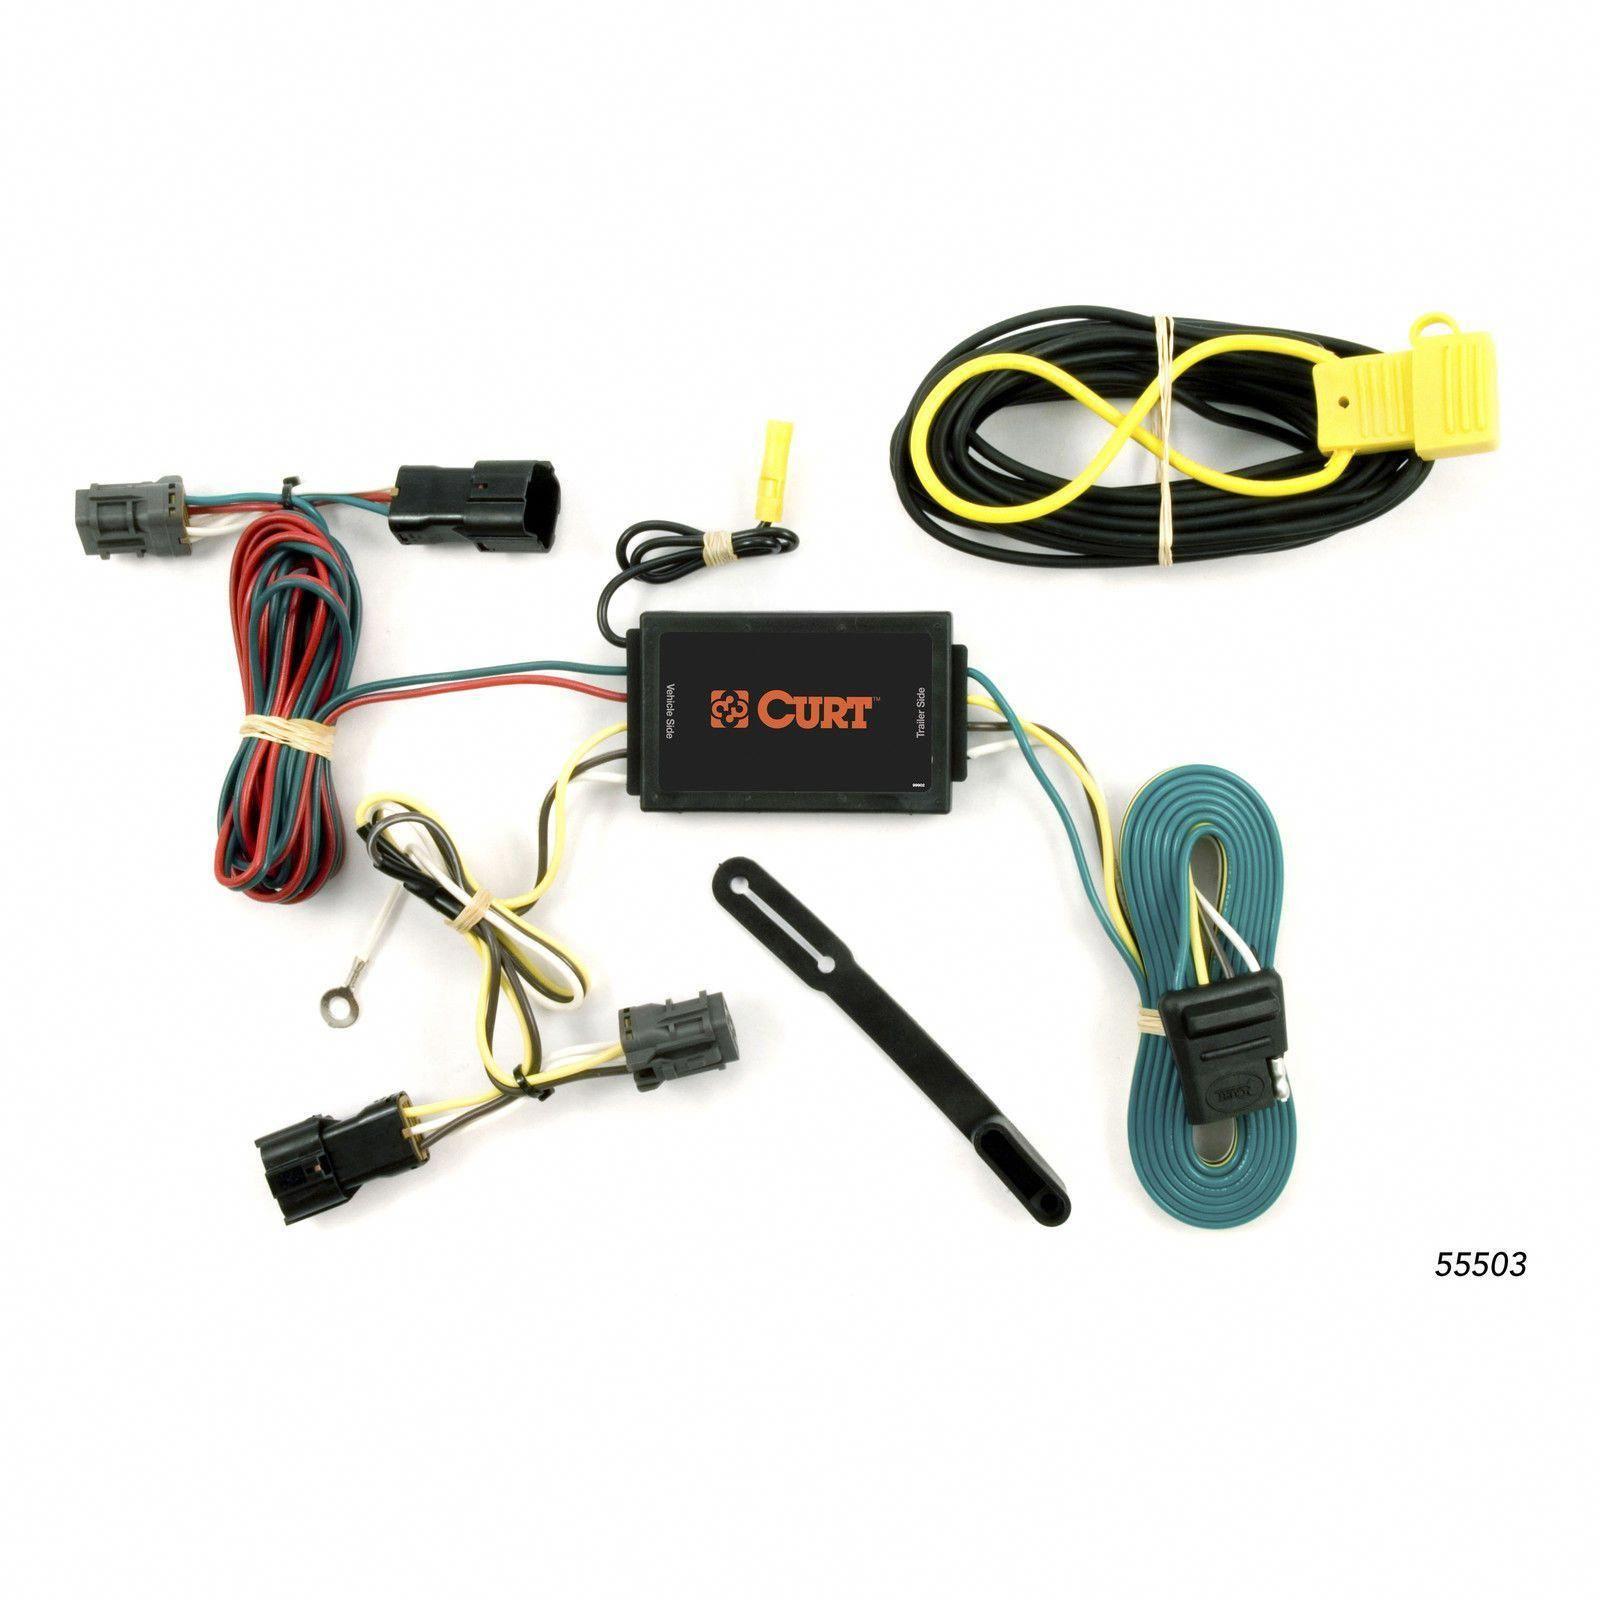 curt 55503 wiring harness for 07 09 hyundai entourage 06 14 kia sedona kiasedona [ 1600 x 1600 Pixel ]